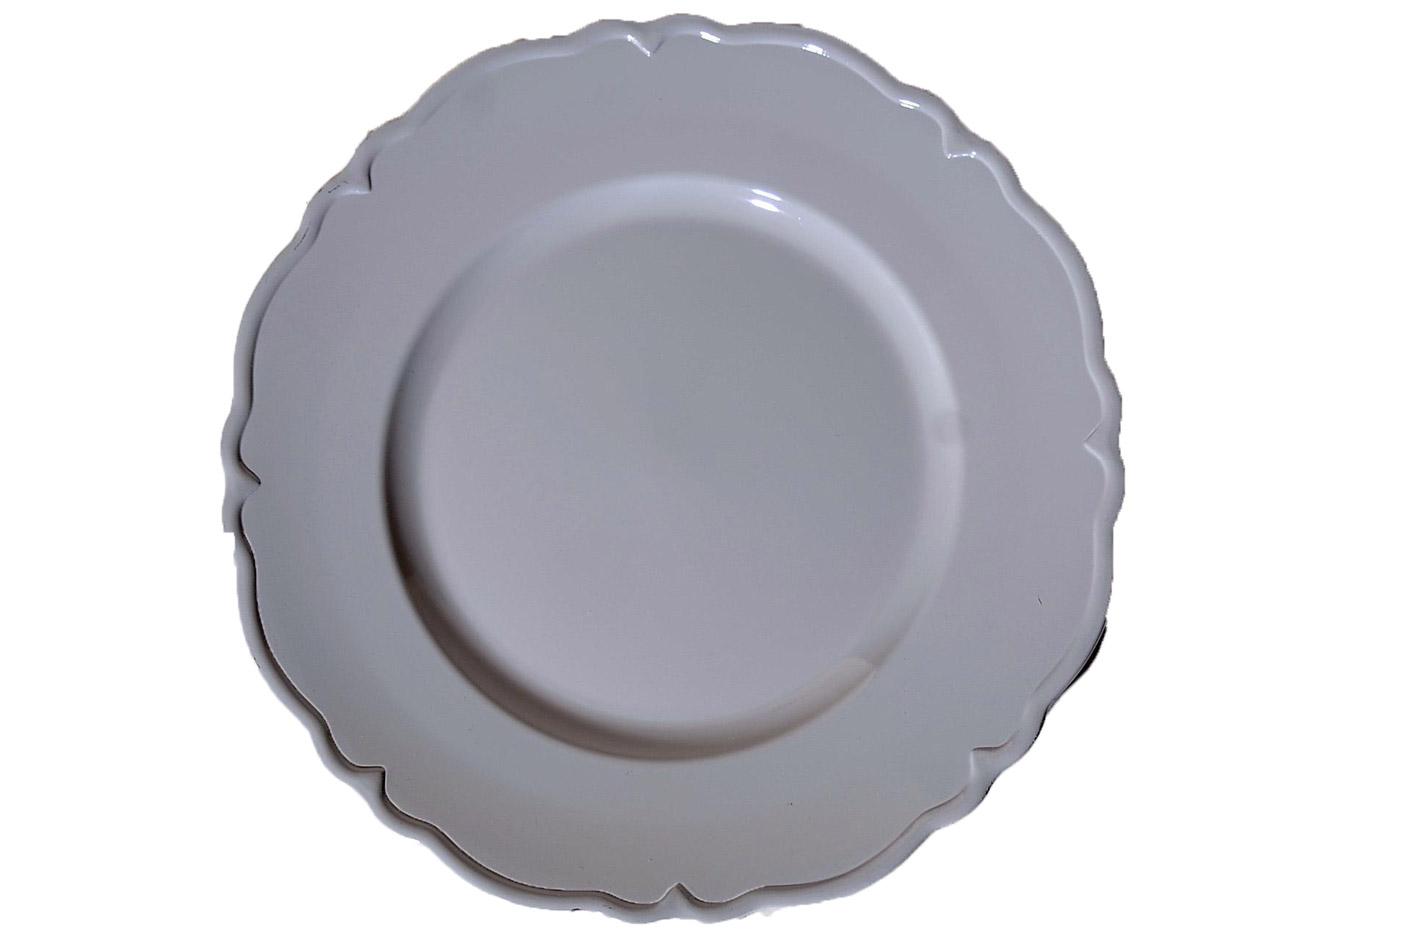 Σουπλά Πιάτου Ακρυλικά Royal Art 39εκ. MAS689 (Υλικό: Ακρυλικό ) – Royal Art Collection – MAS689